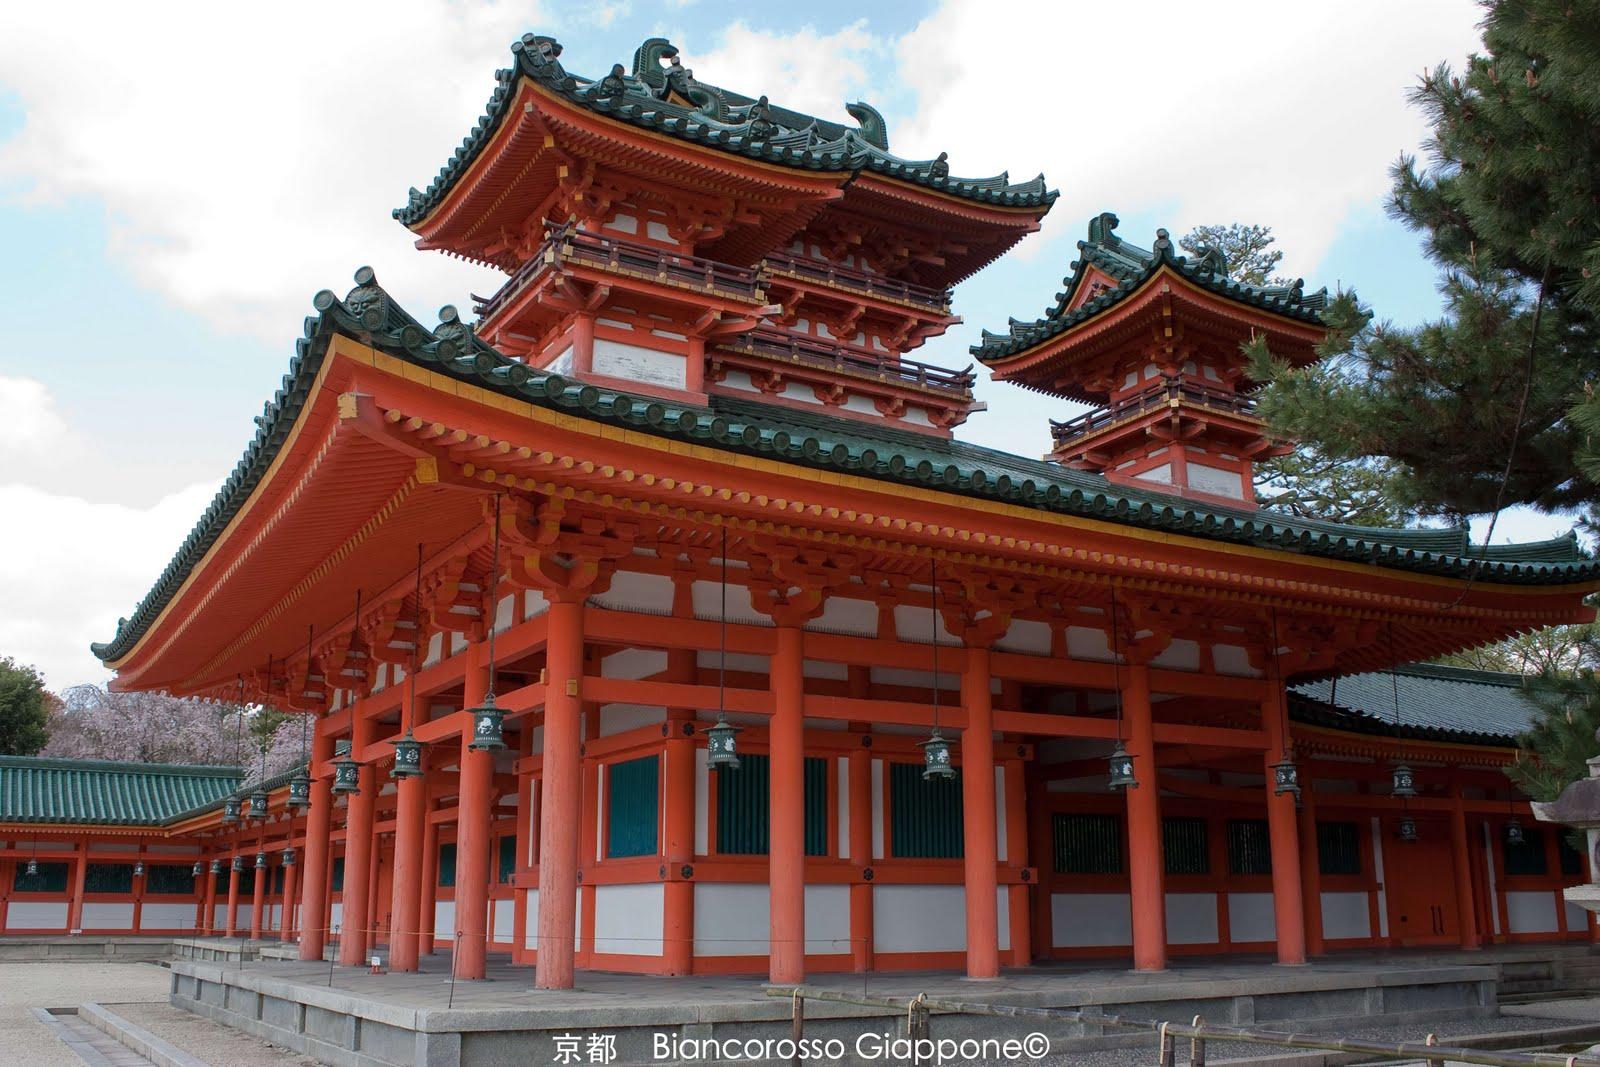 Una voce dal Giappone Emozioni a Kyoto